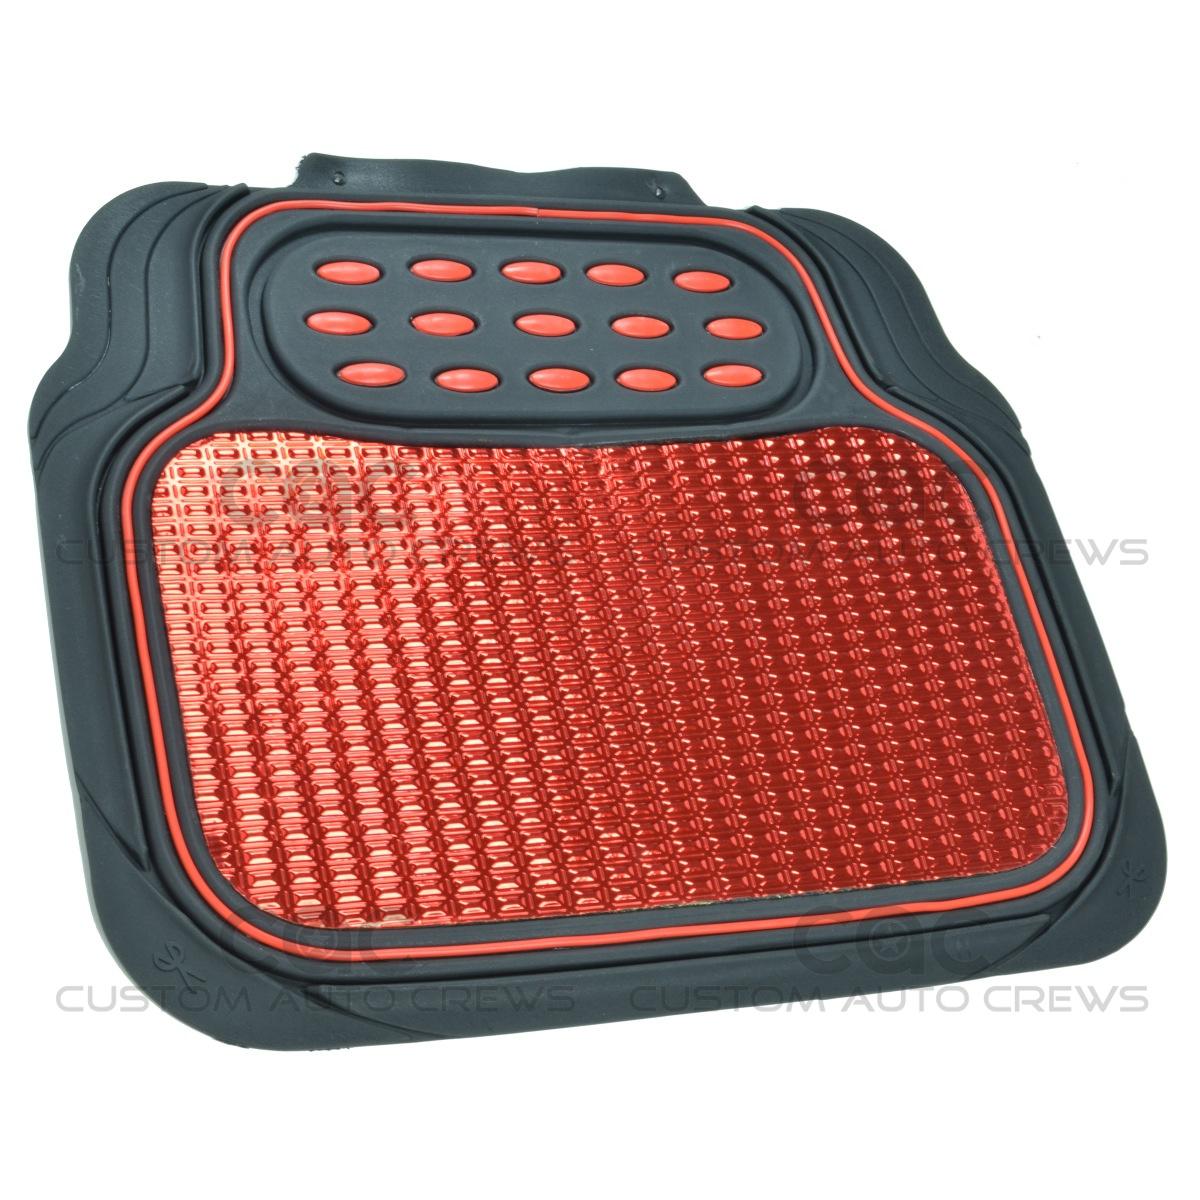 Rubber queen floor mats - Car Rubber Floor Mats Red Metallic Design On